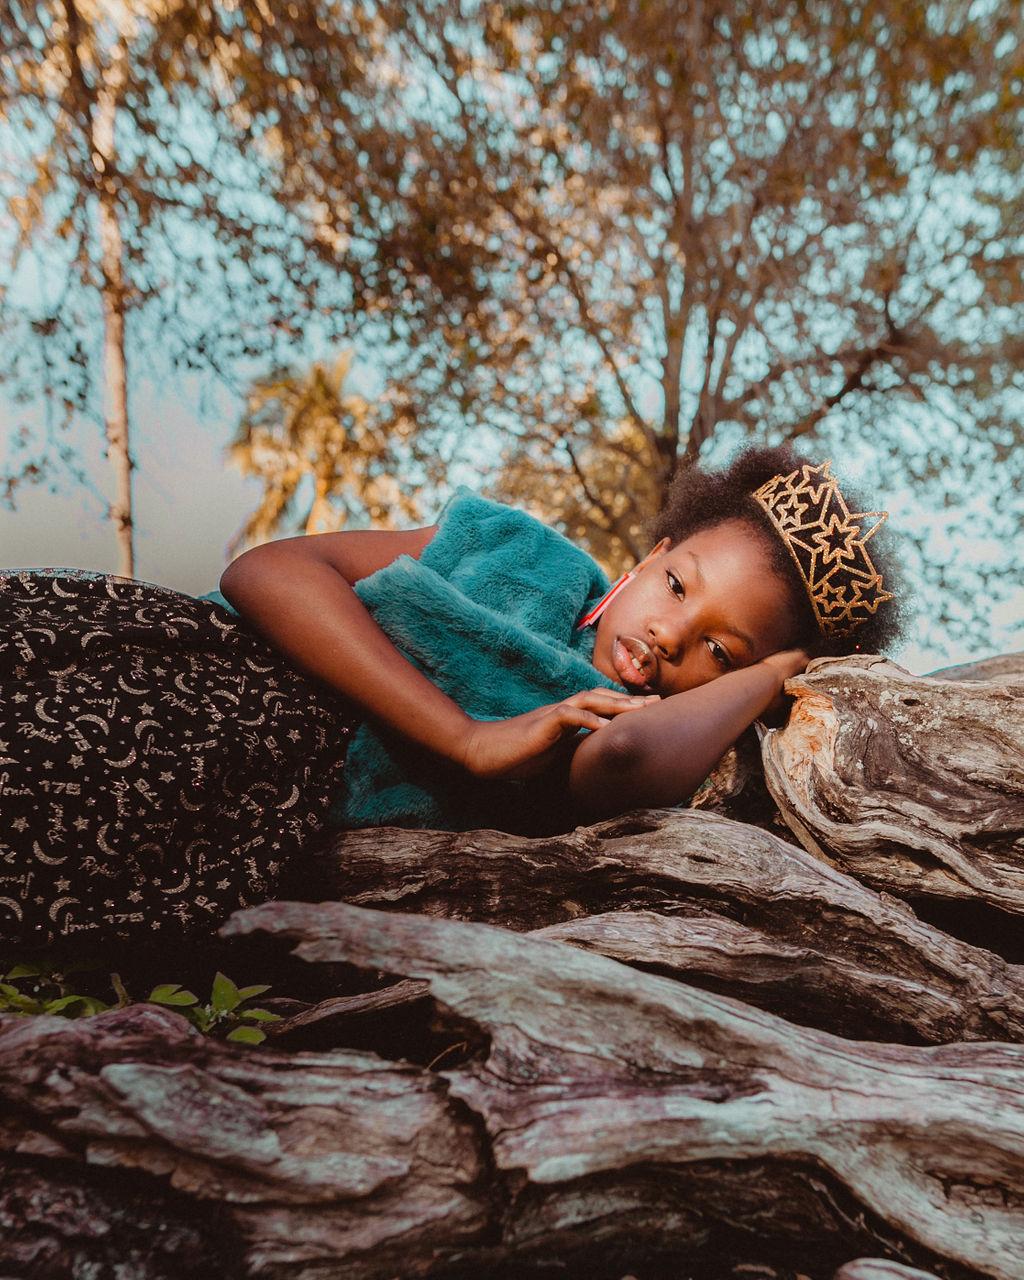 BABIEKINS MAGAZINE | Queen by Celia D. Luna & Leslie Schor